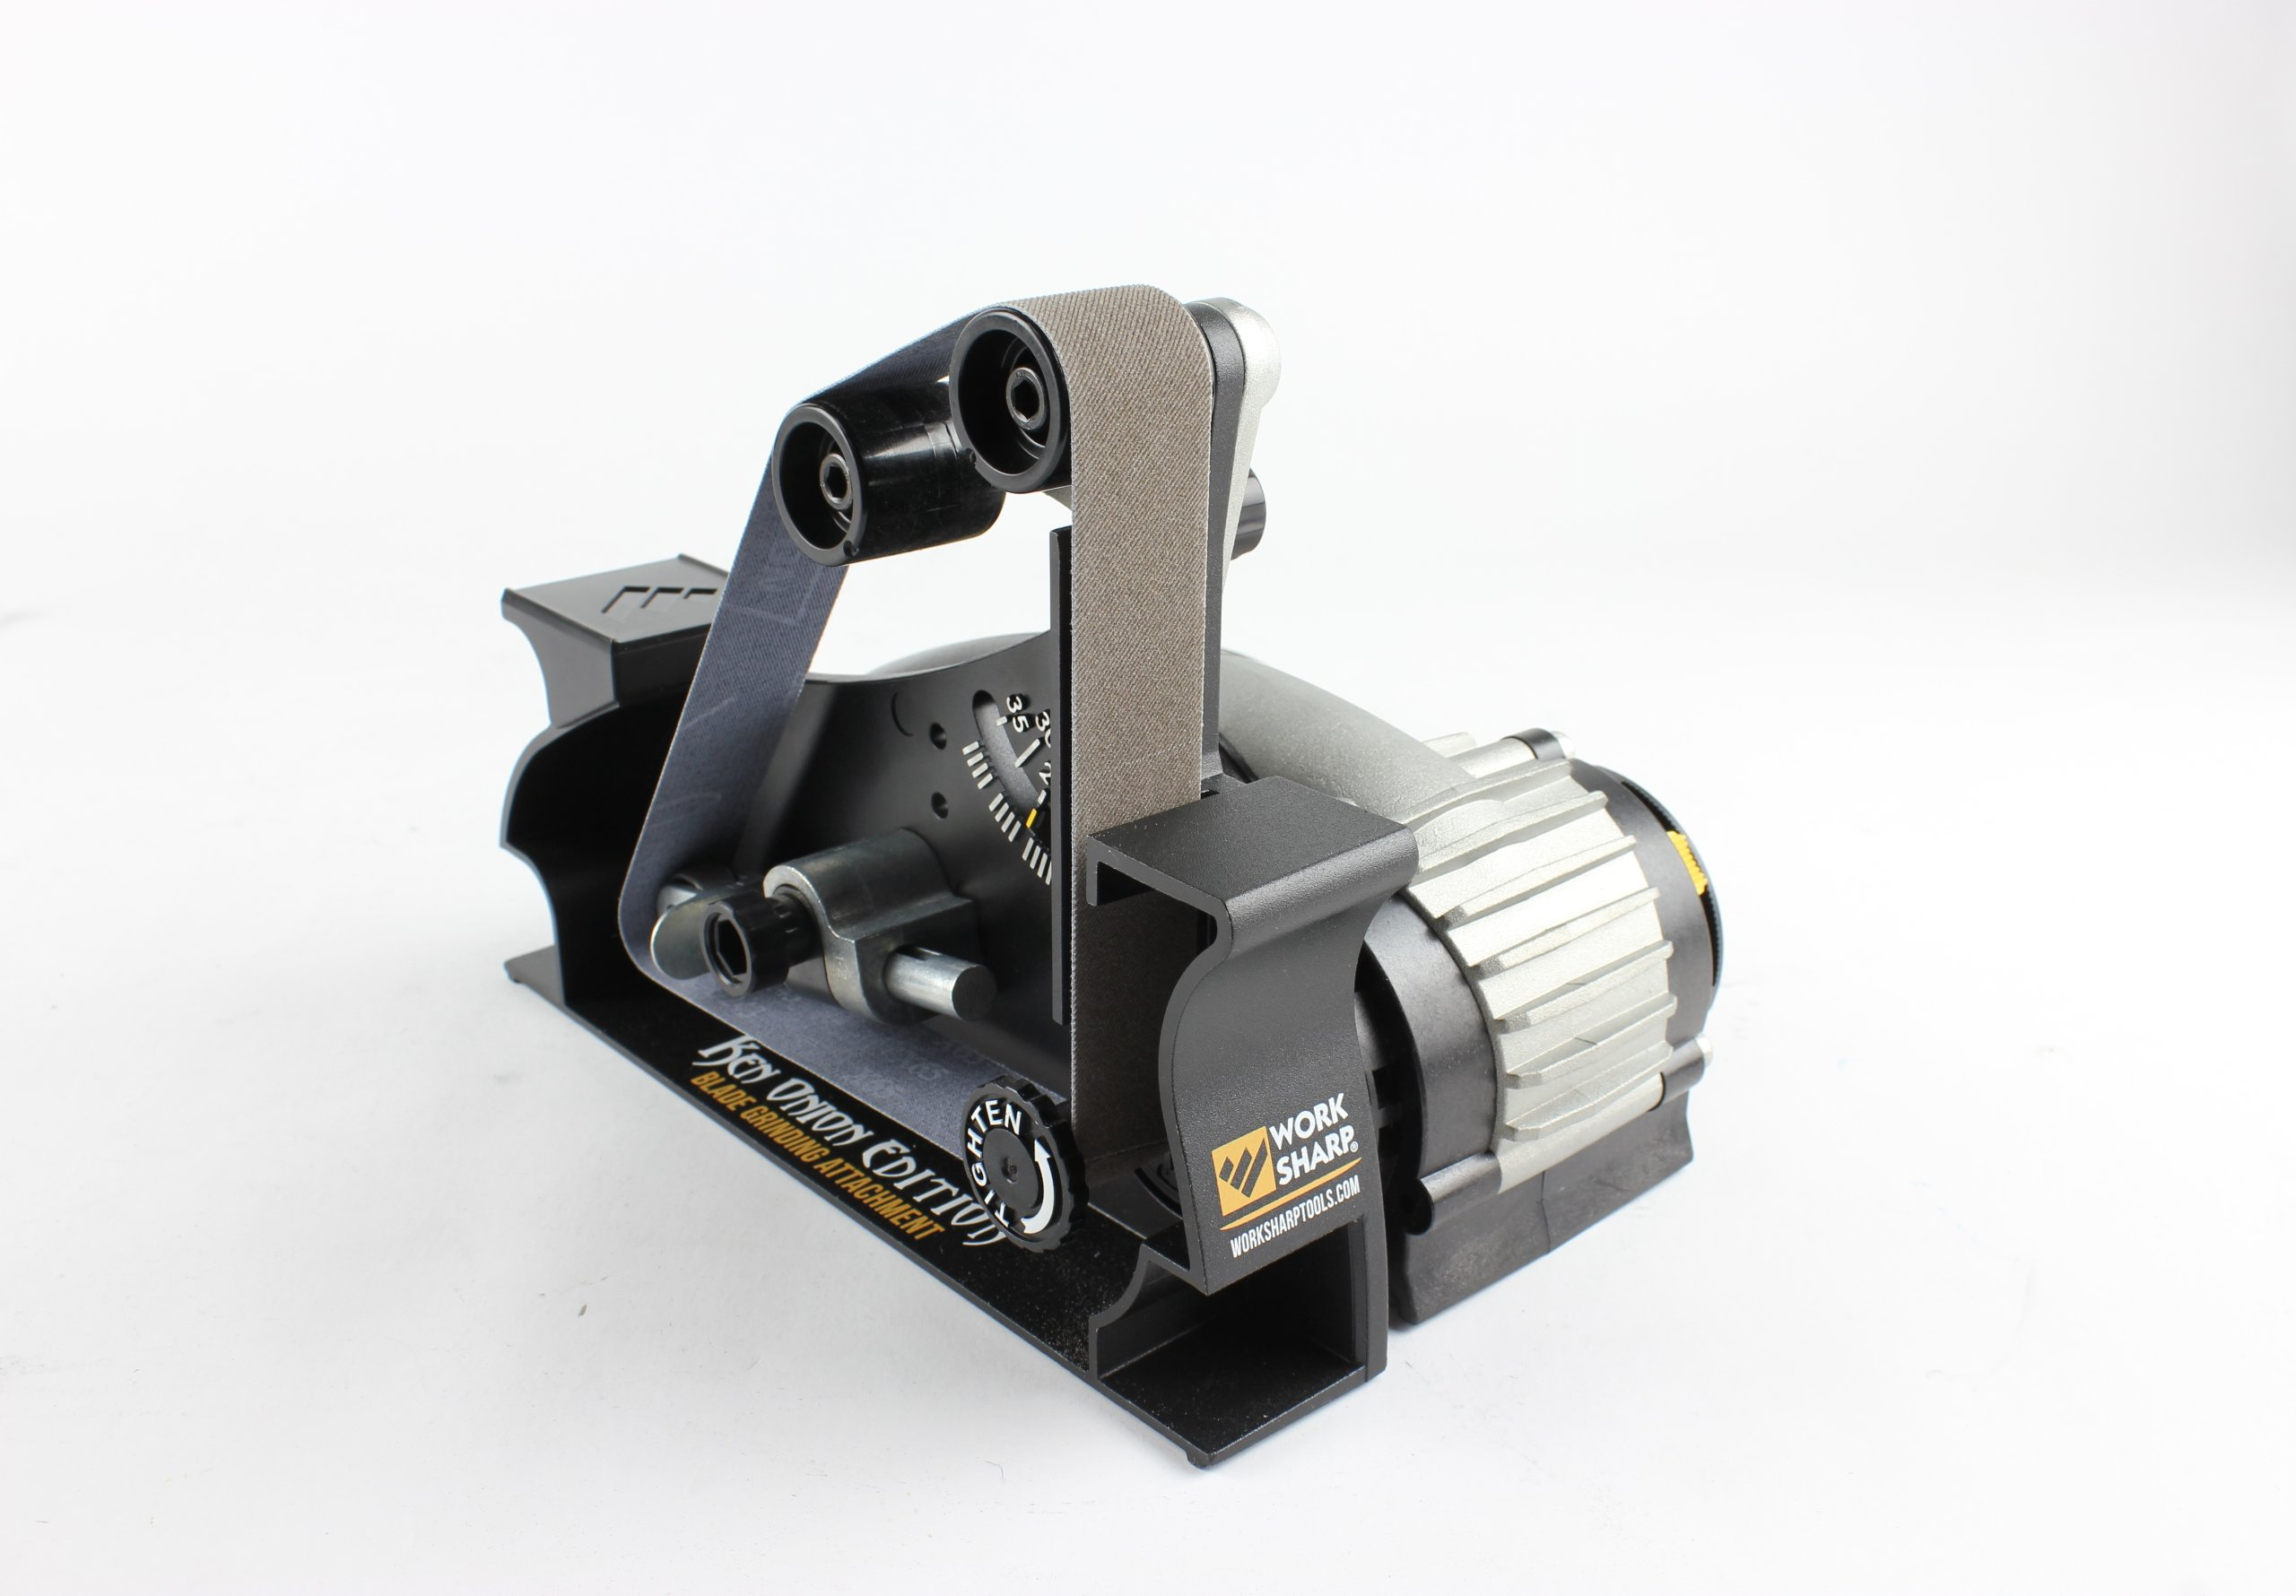 Work Sharp WSSAKO81112 Blade Grinder Attachment by Work Sharp (Image #6)